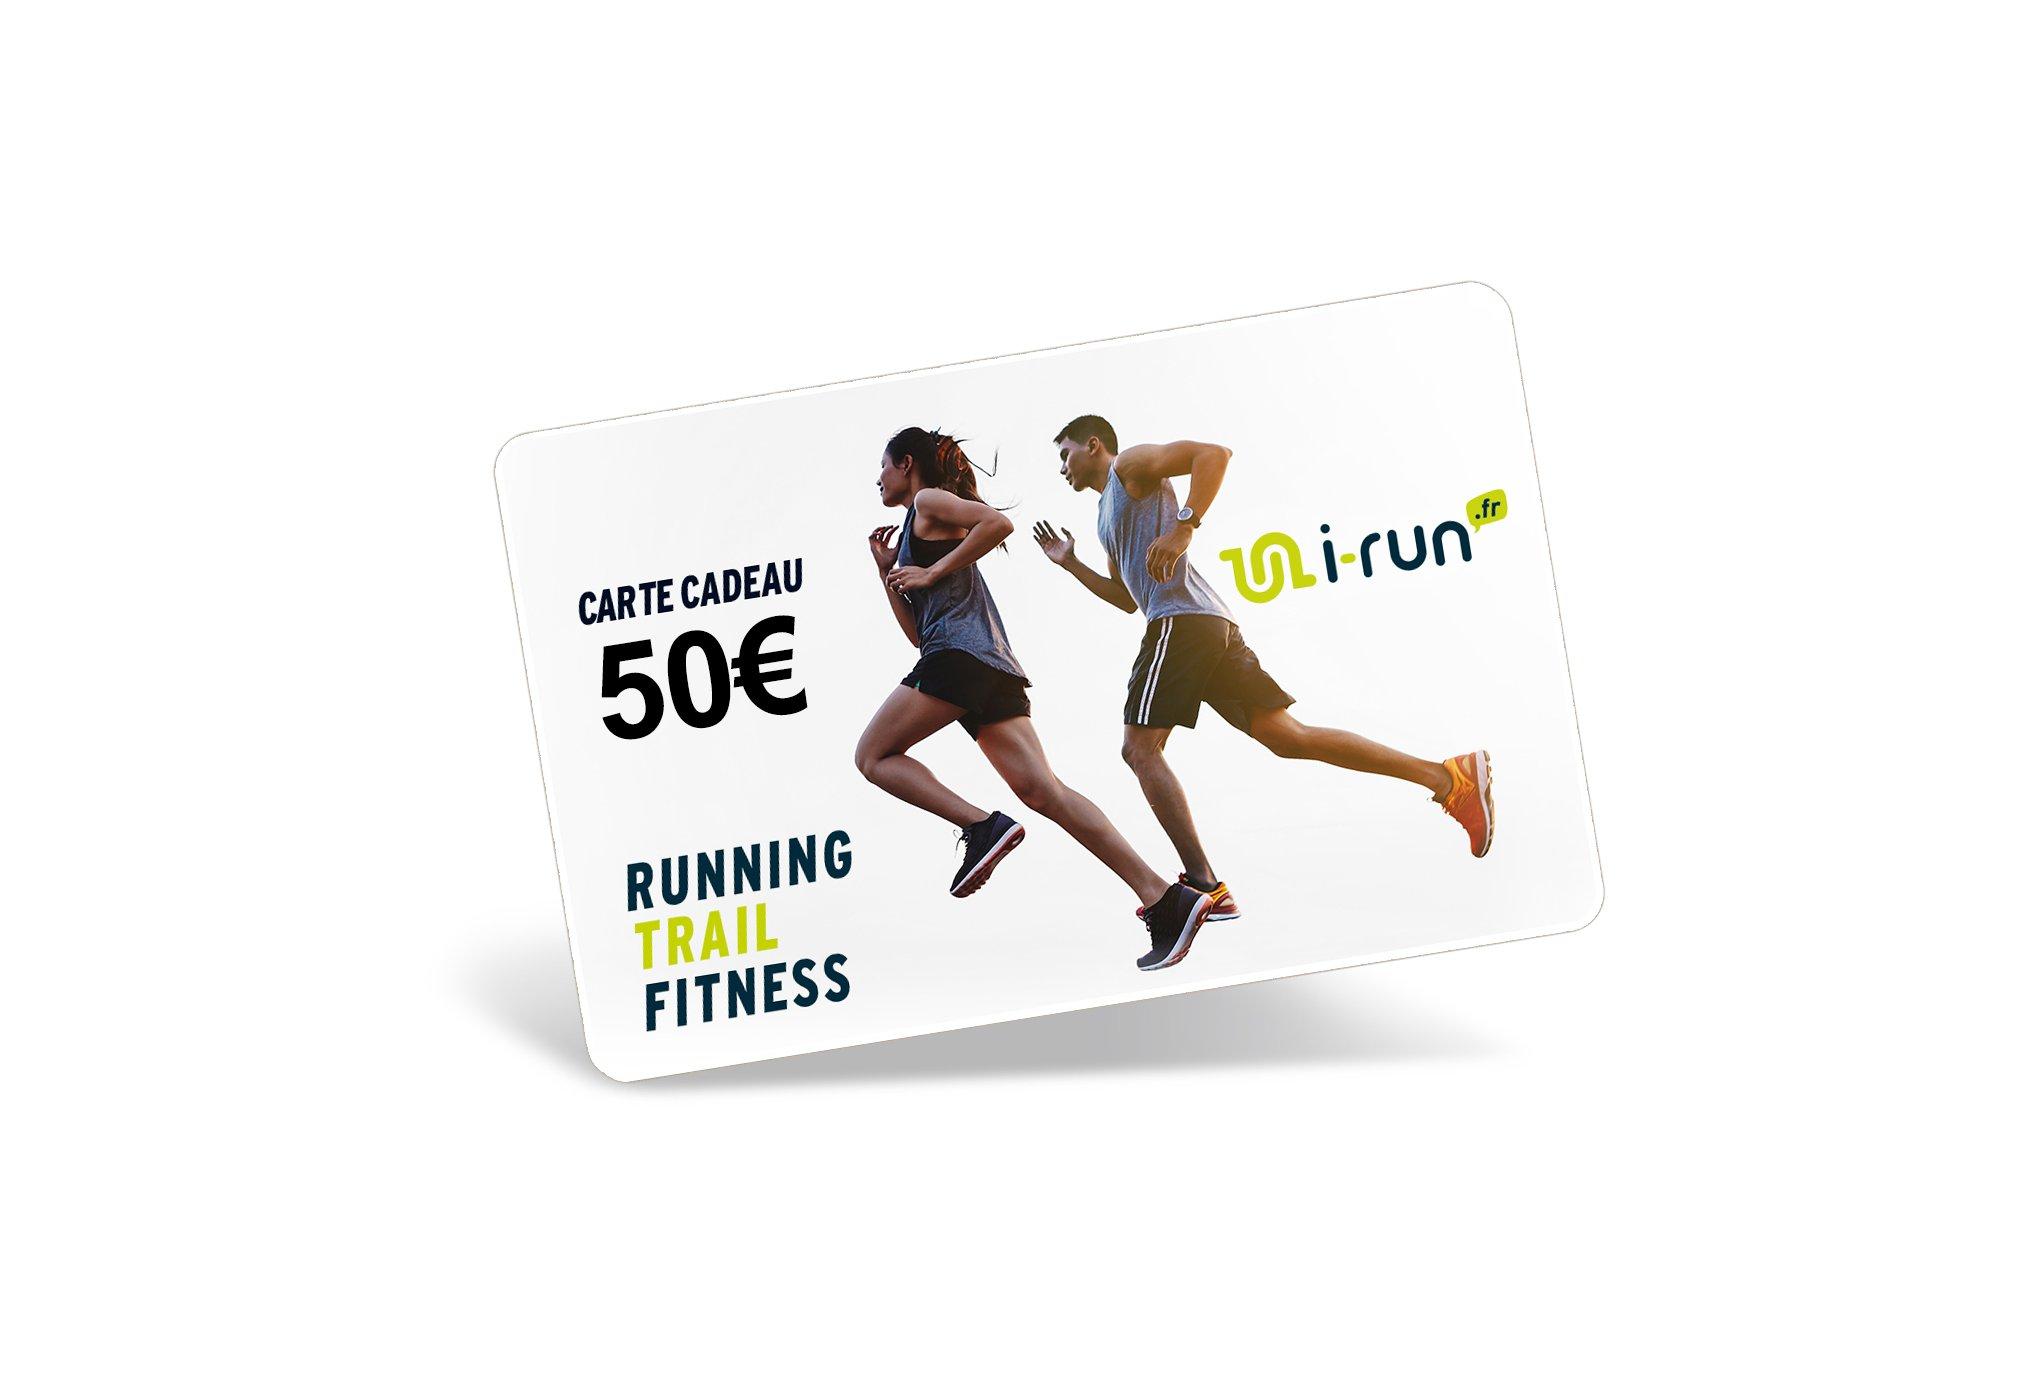 i-run.fr Carte Cadeau 50 Cartes Cadeau